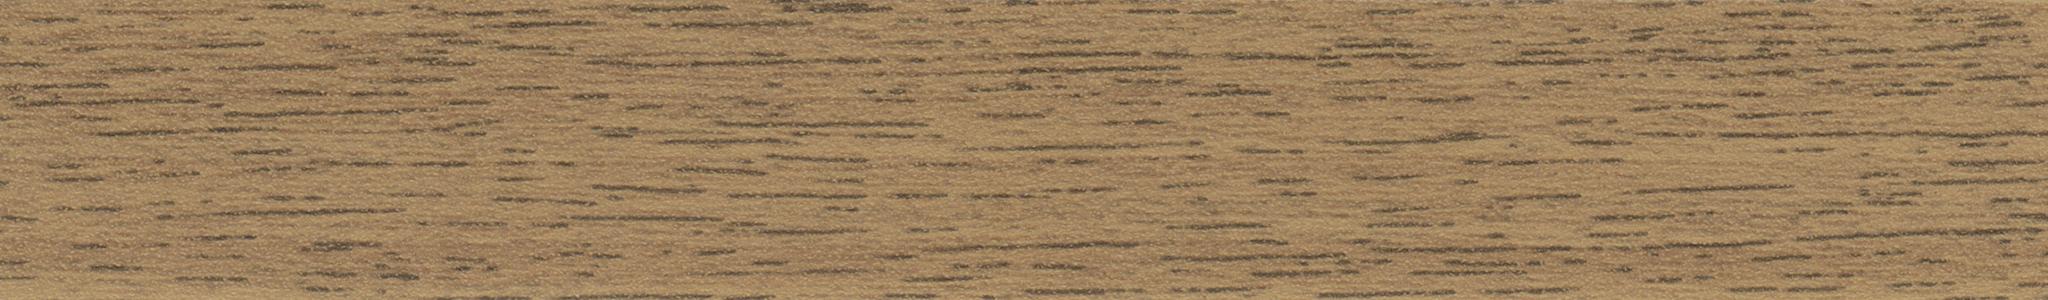 HD 282453 кромка ABS орех Тоскана жемчуг